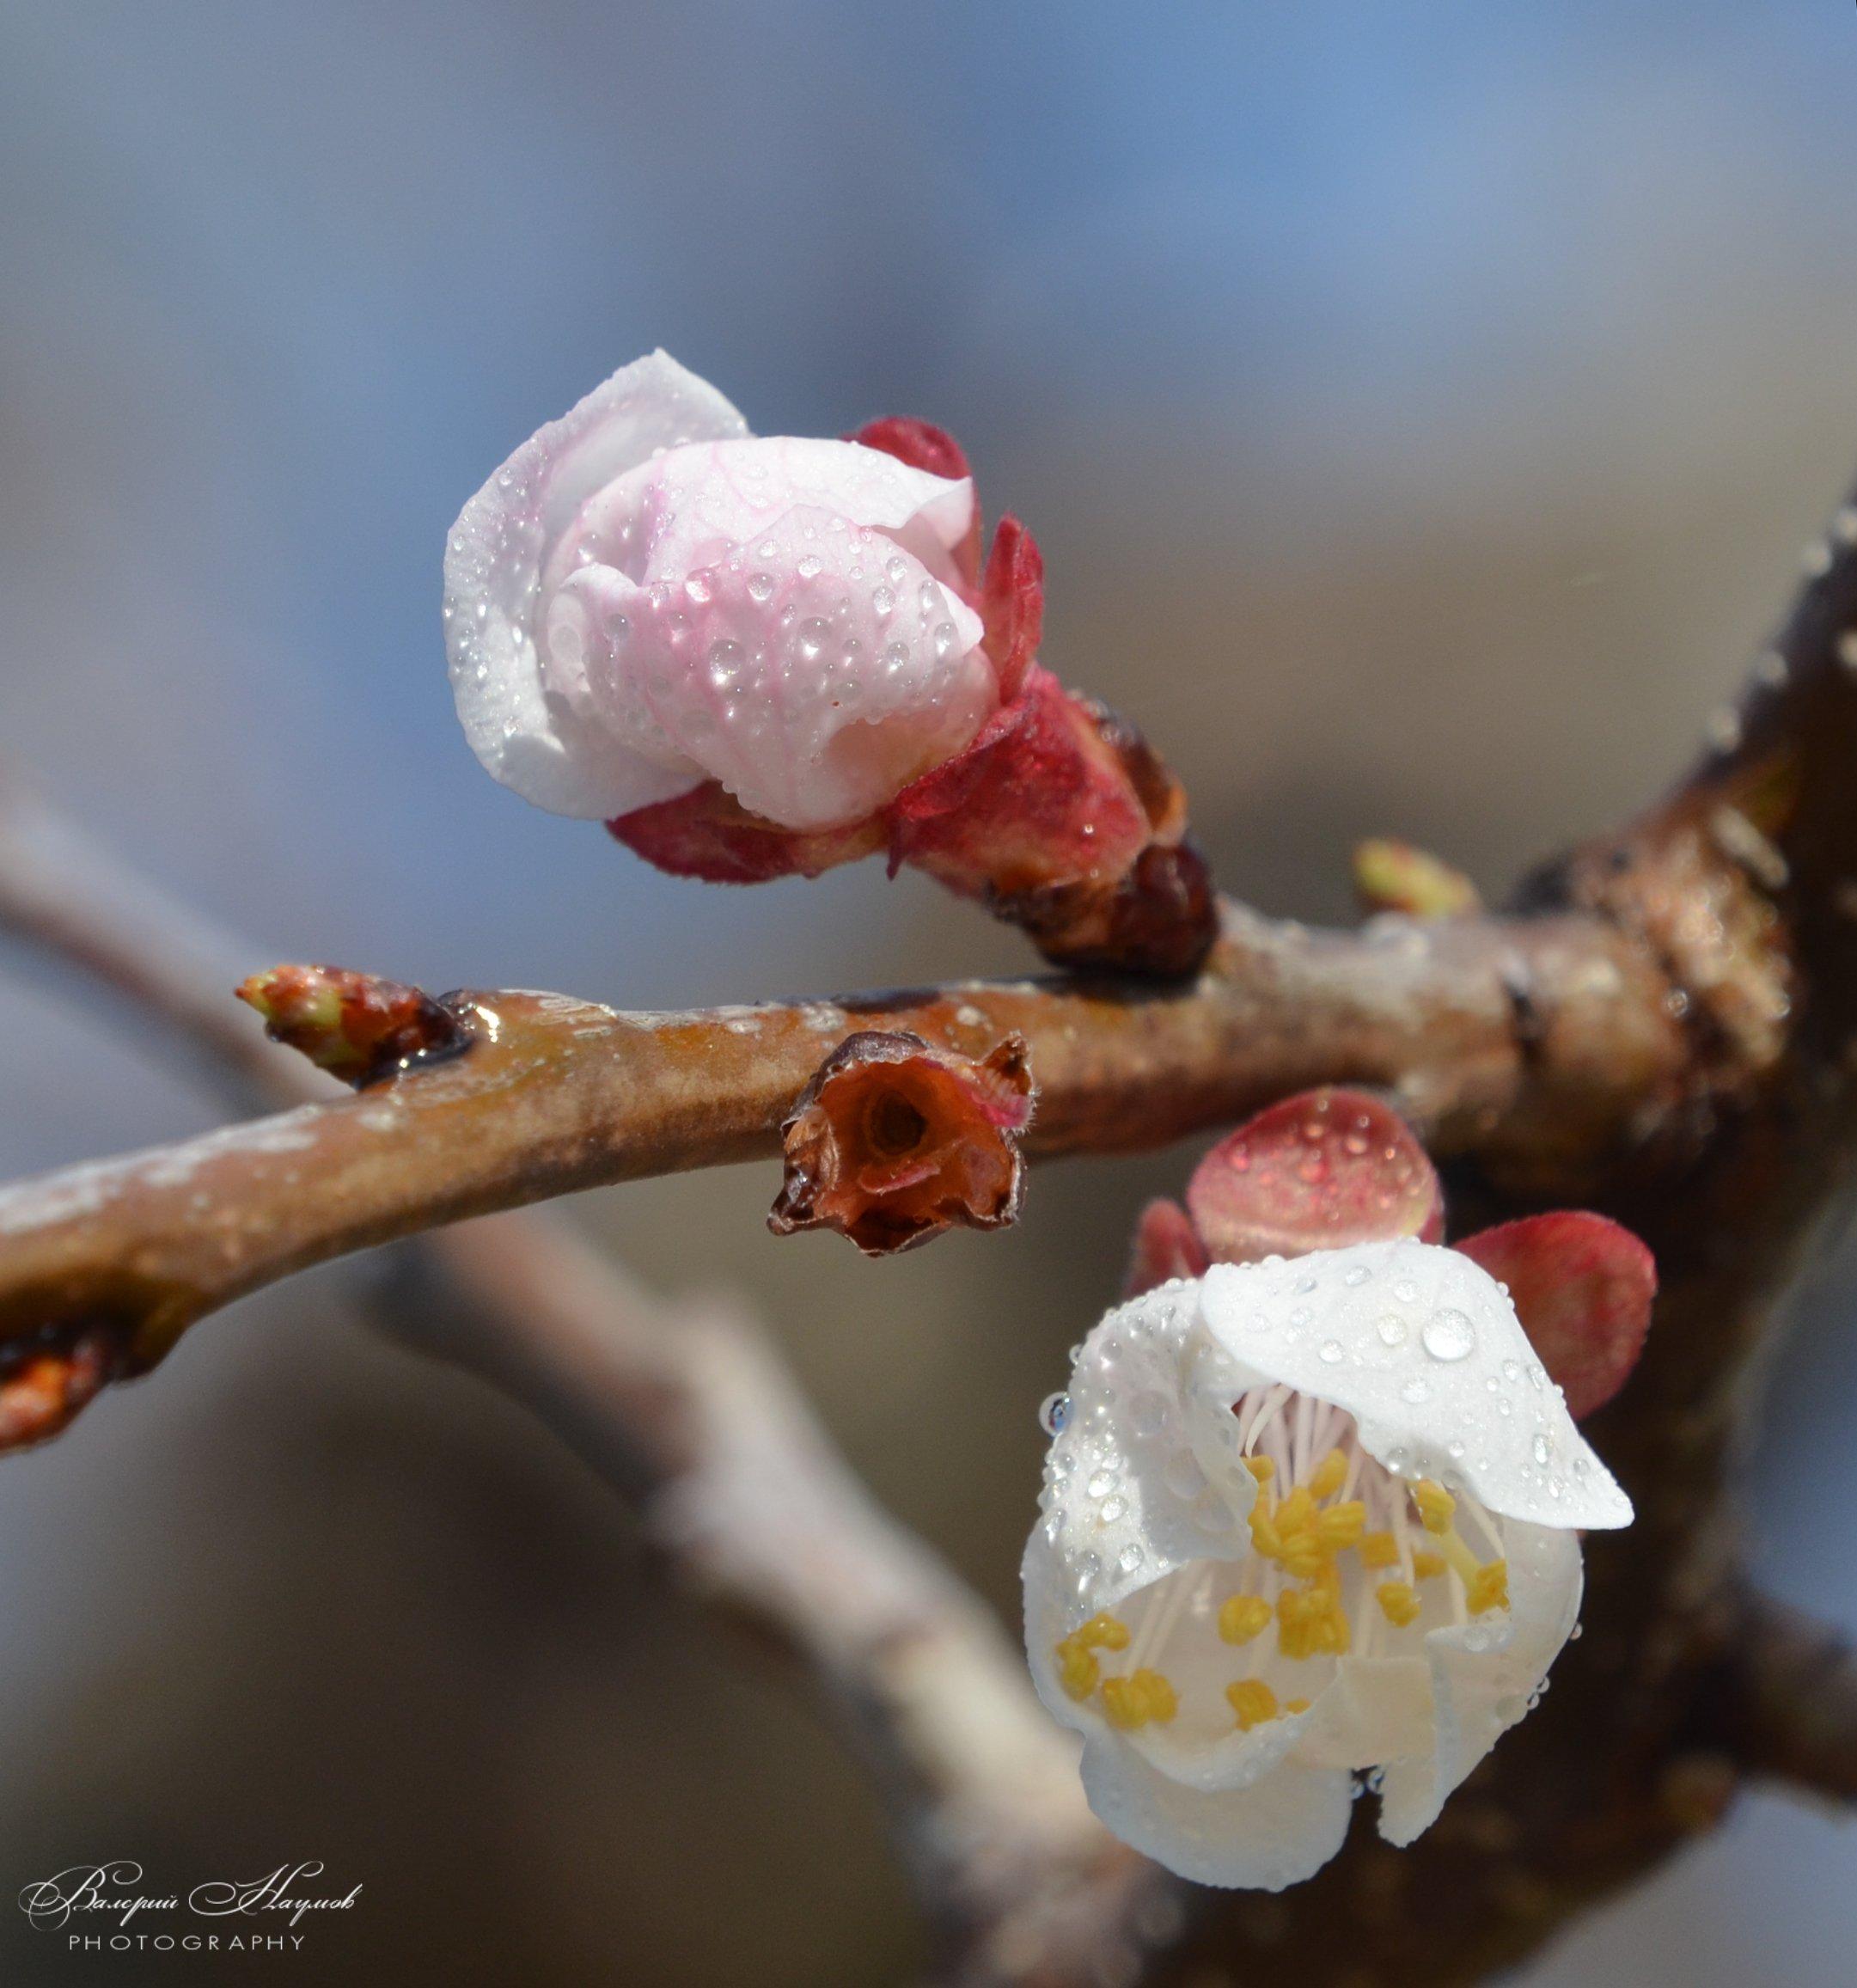 апрель .утро, абрикос. цветение, роса, Валерий Наумов